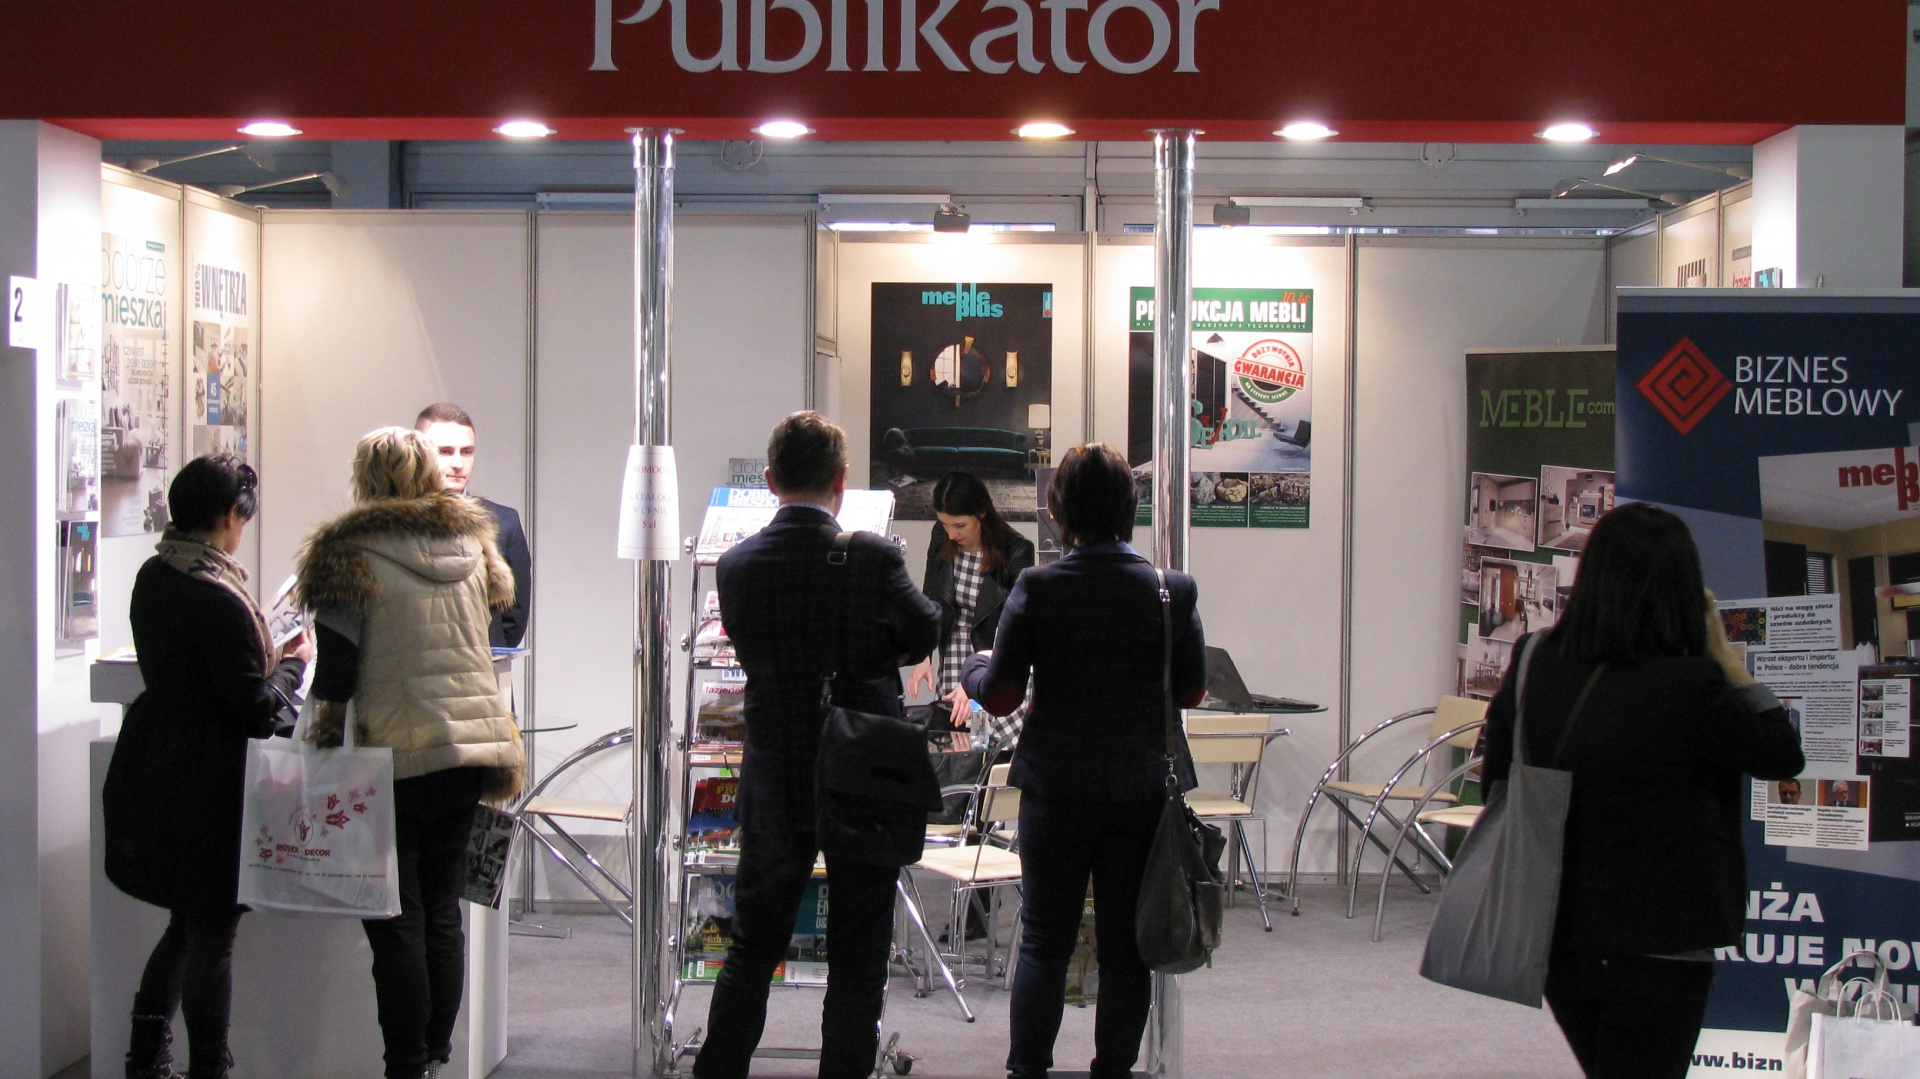 Stoisko wydawnictwa Publikator na Targach Meble Polska 2015, pawilon 6A. Fot. Piotr Sawczuk